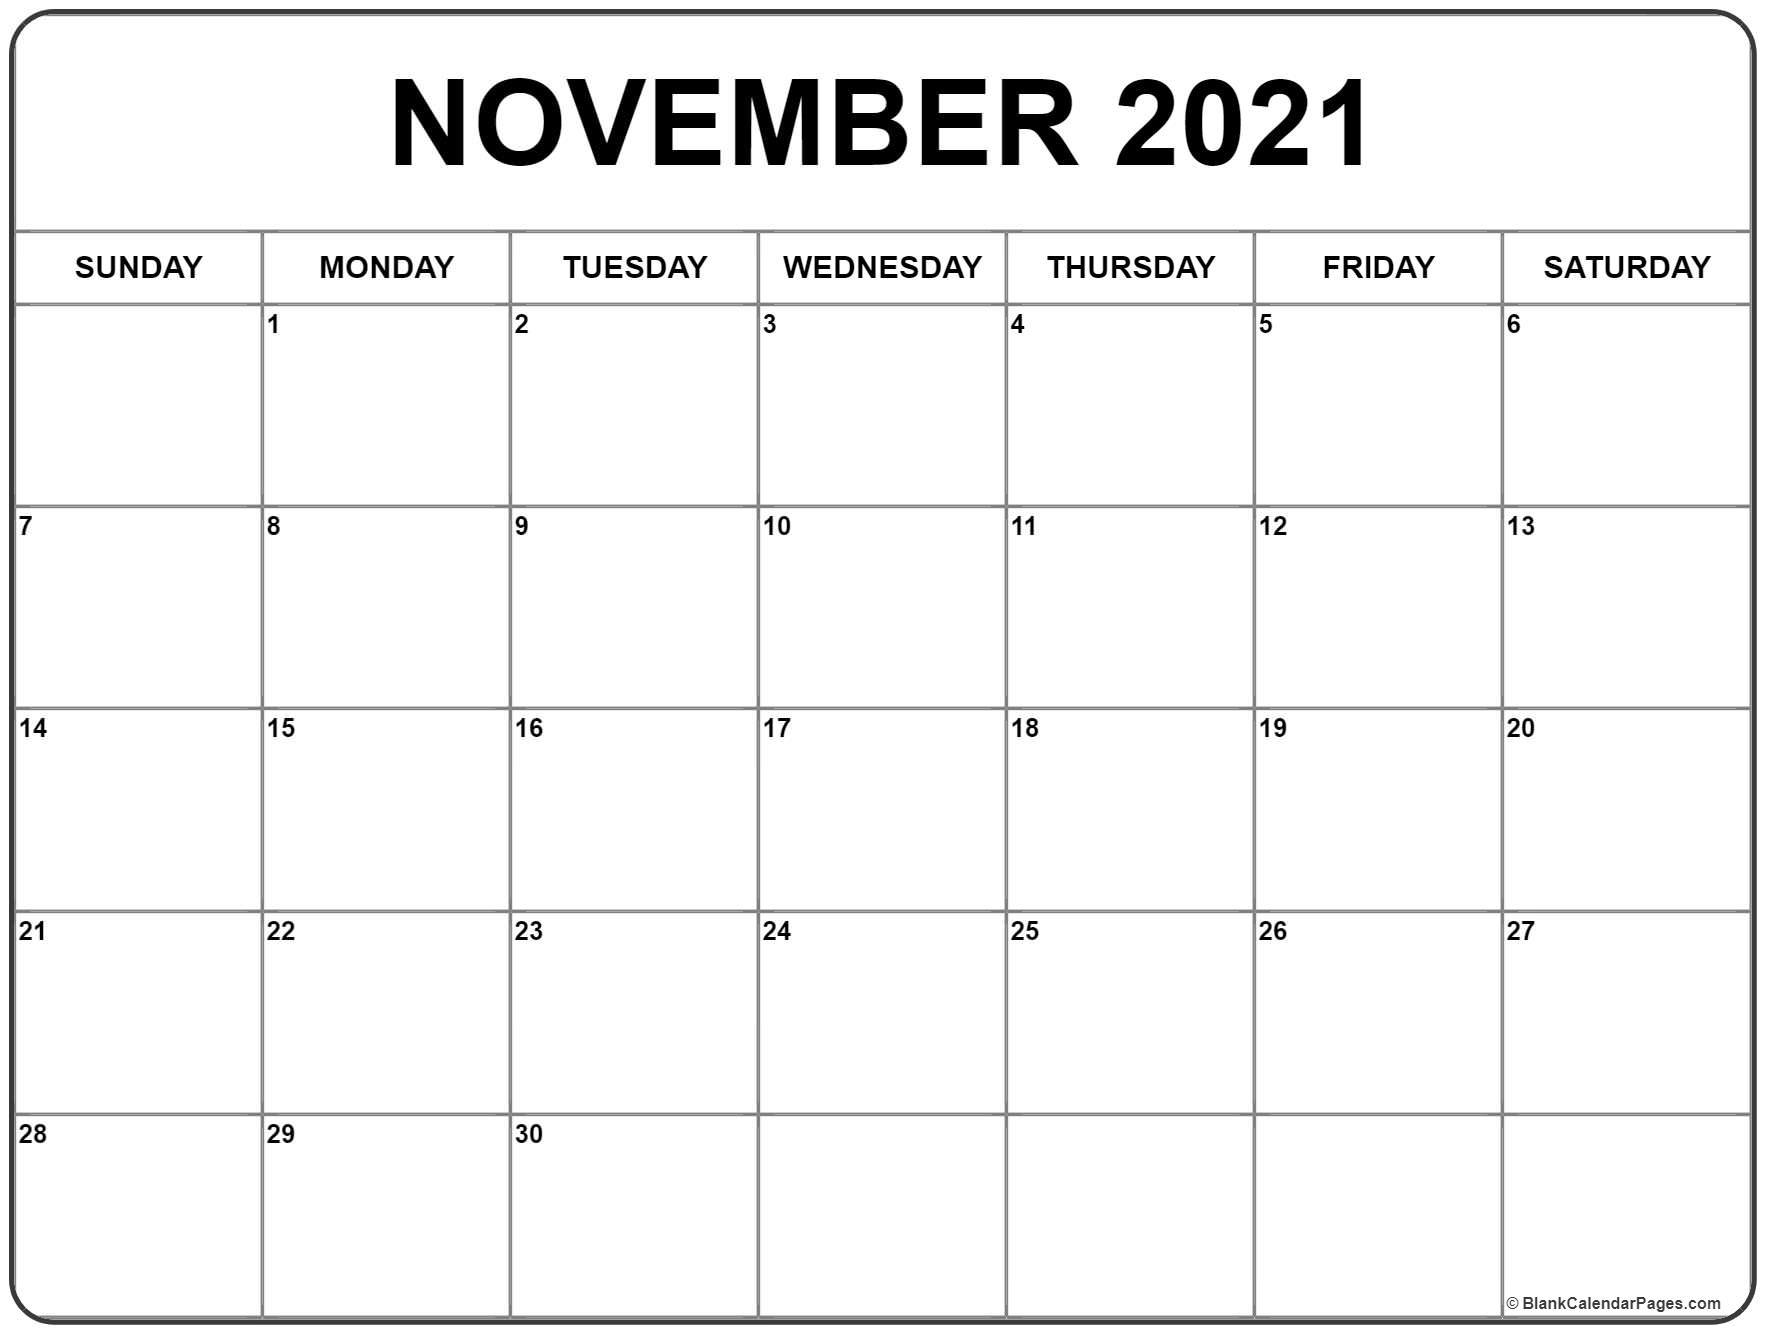 November 2021 Calendar   Free Printable Monthly Calendars With Regard To Calendar With November 2021 Mexican Names